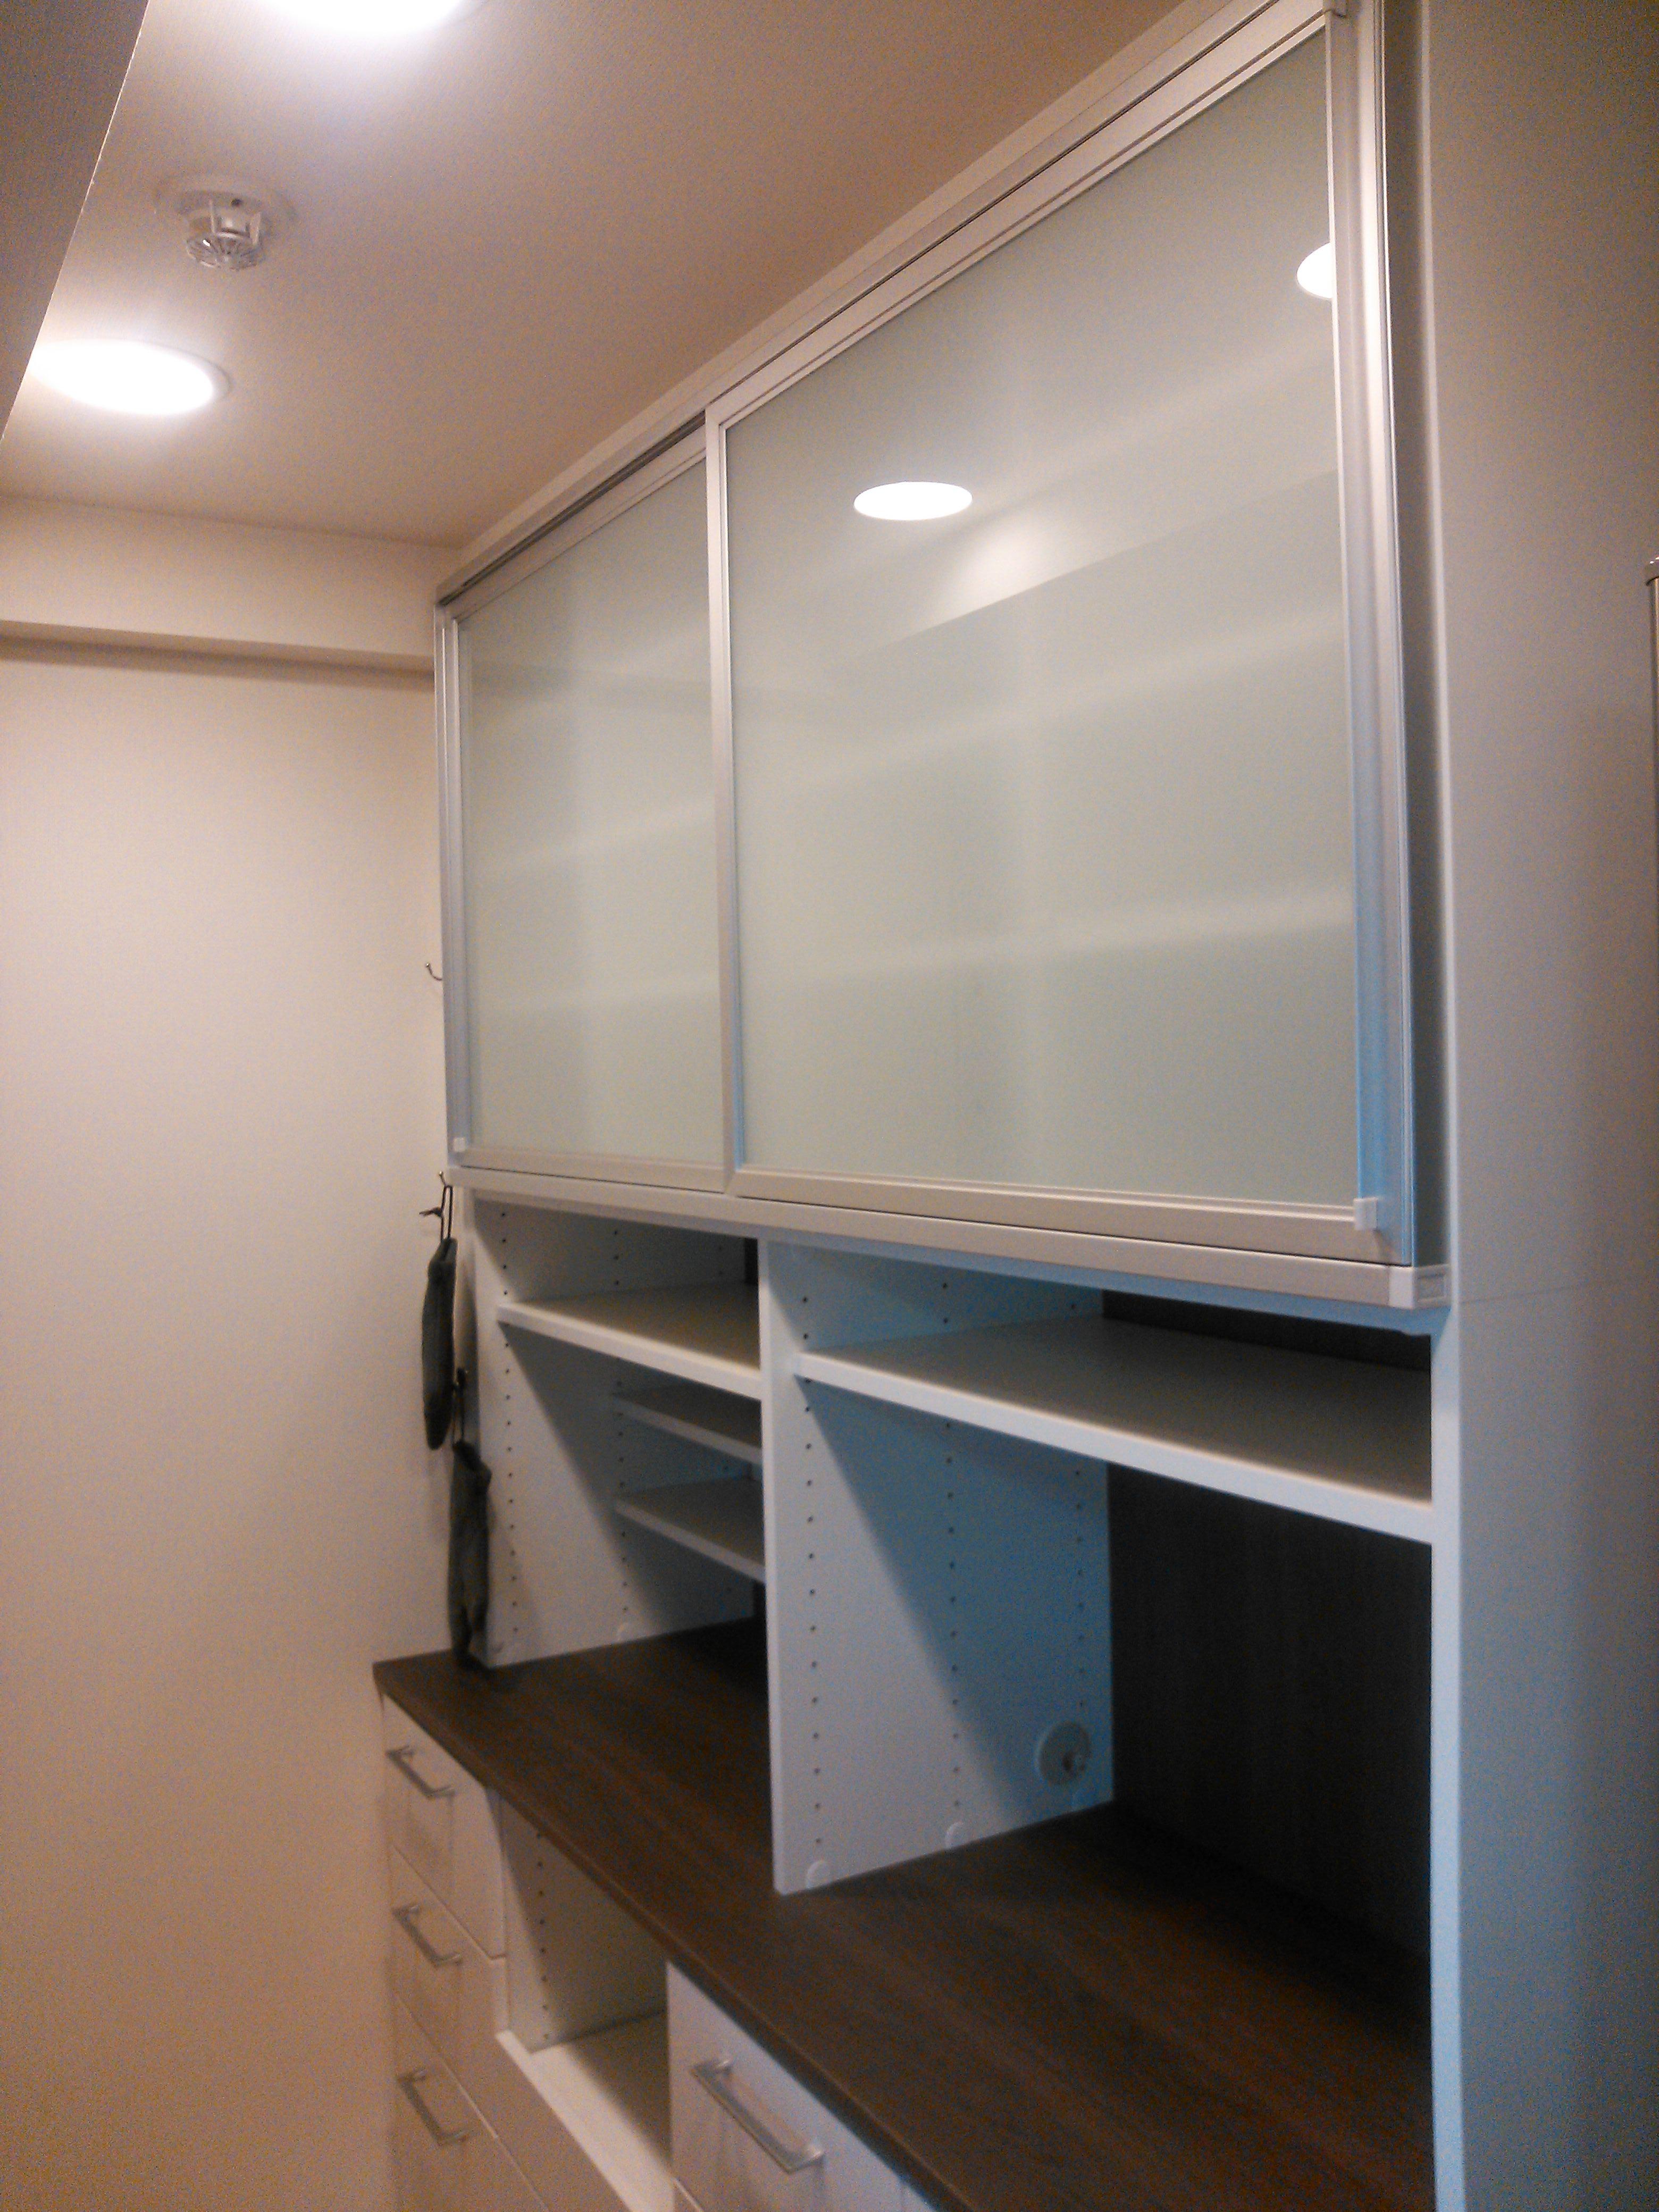 引違扉と引出いっぱいのキッチン収納 イメージ